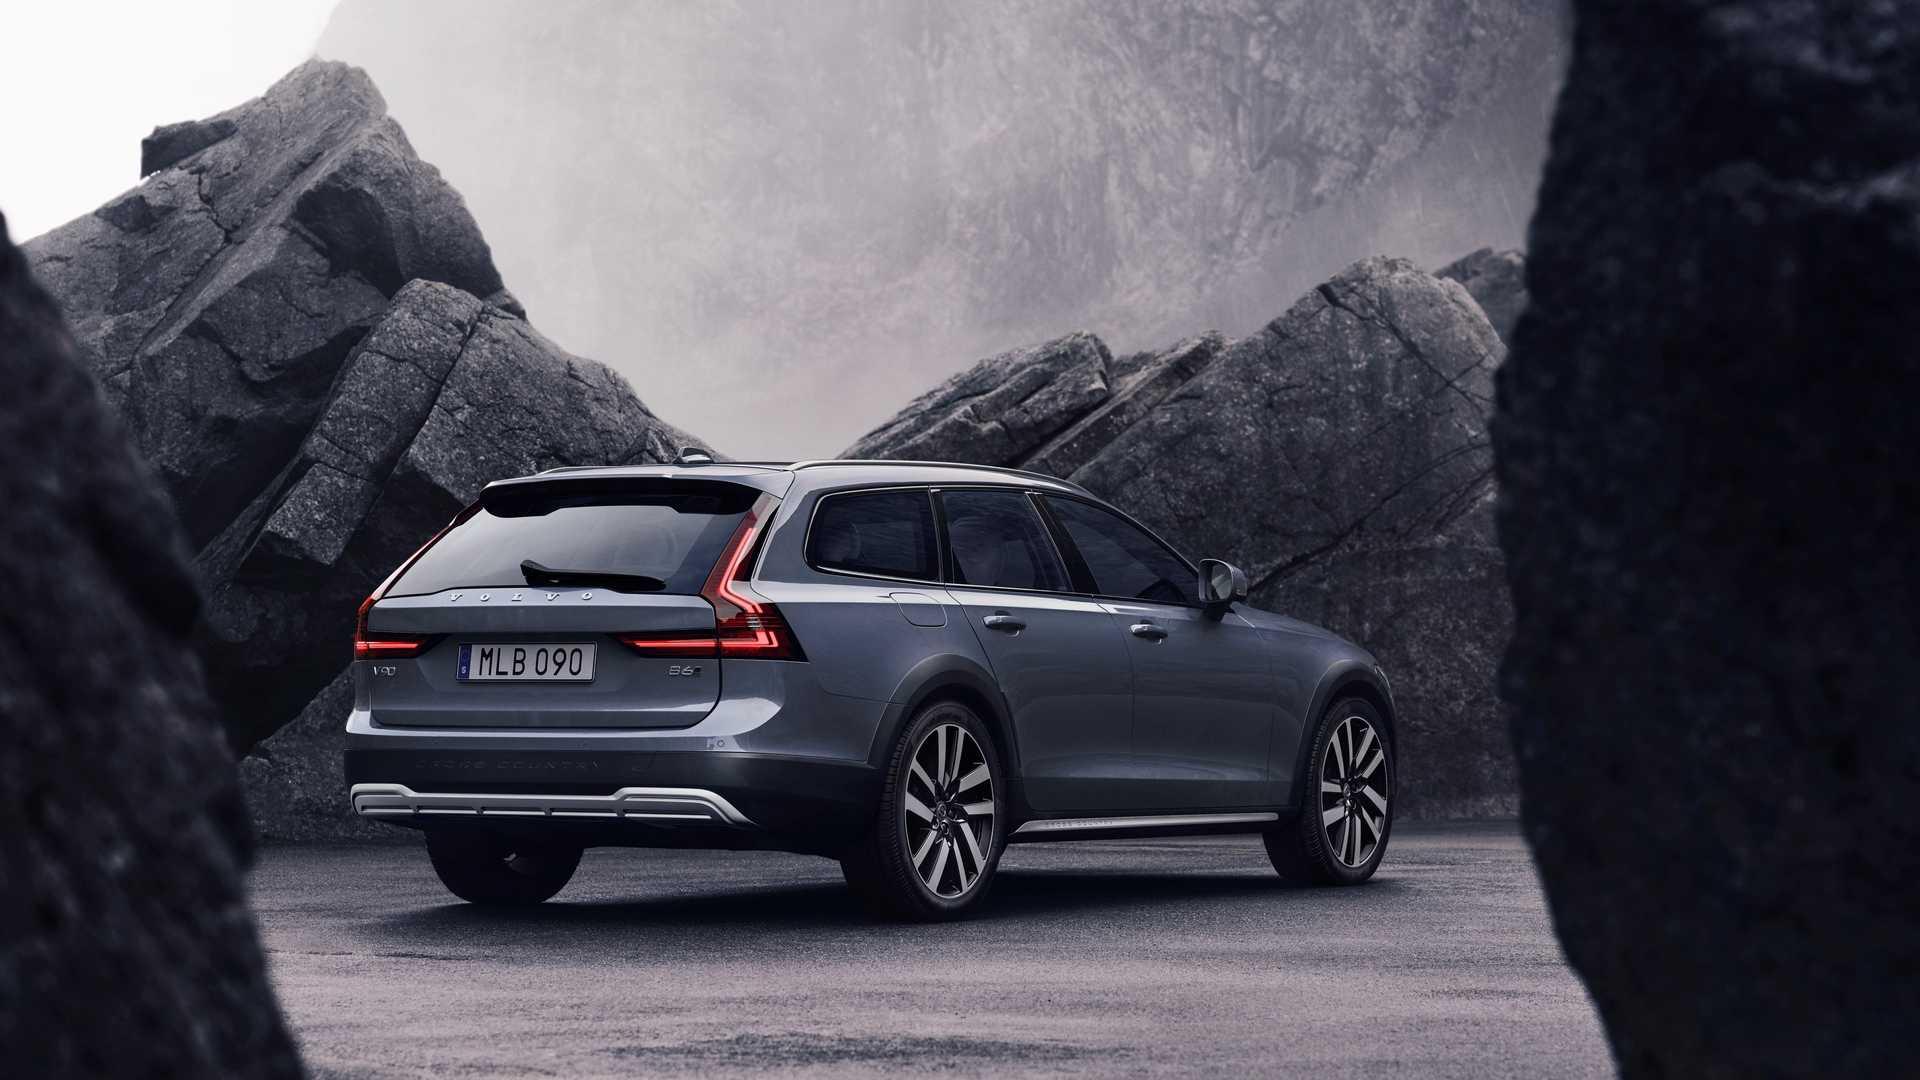 Флагманские Volvo обновились и научились имитировать джаз-клуб 4